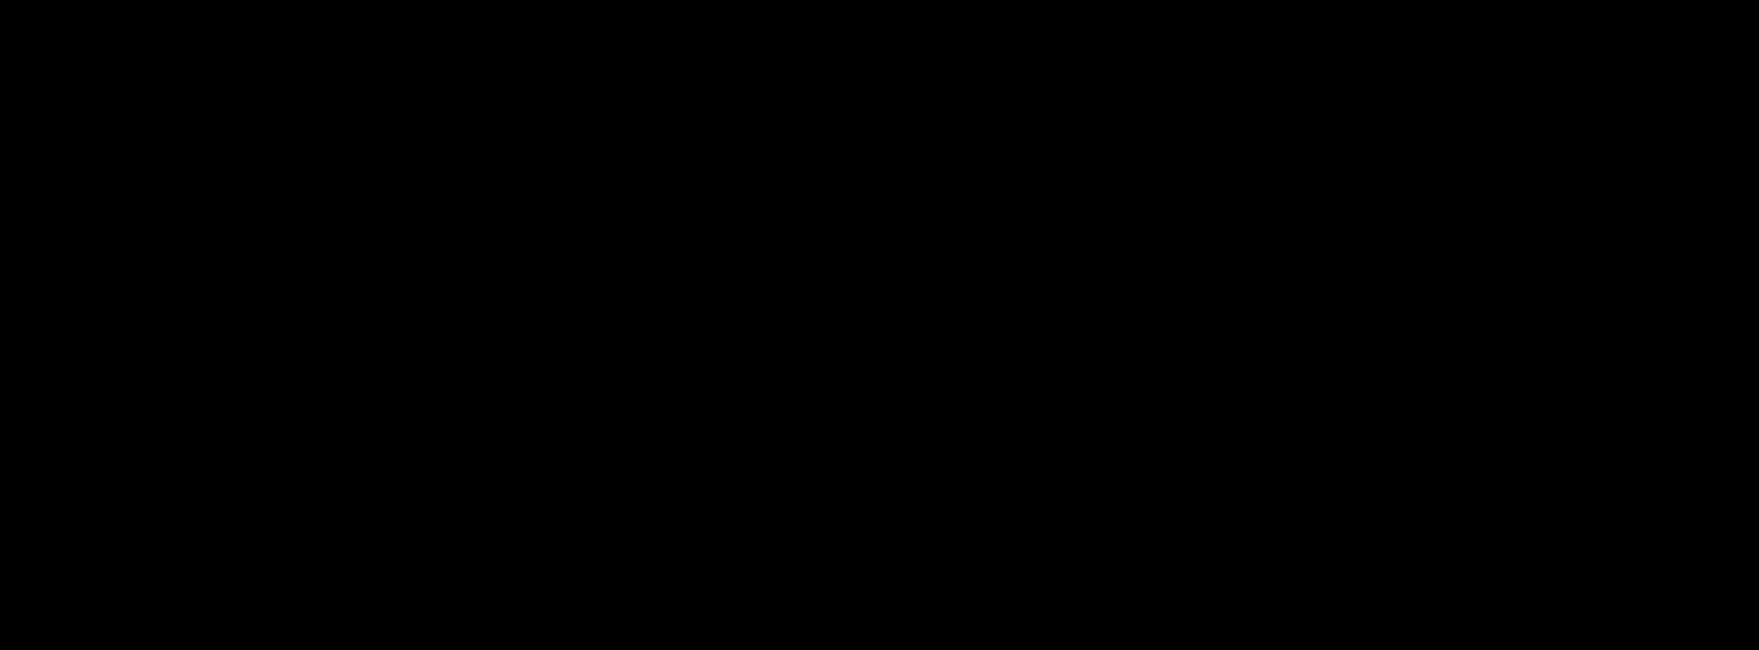 logo van het merk kenzo te koop bij Coccinelle.nl